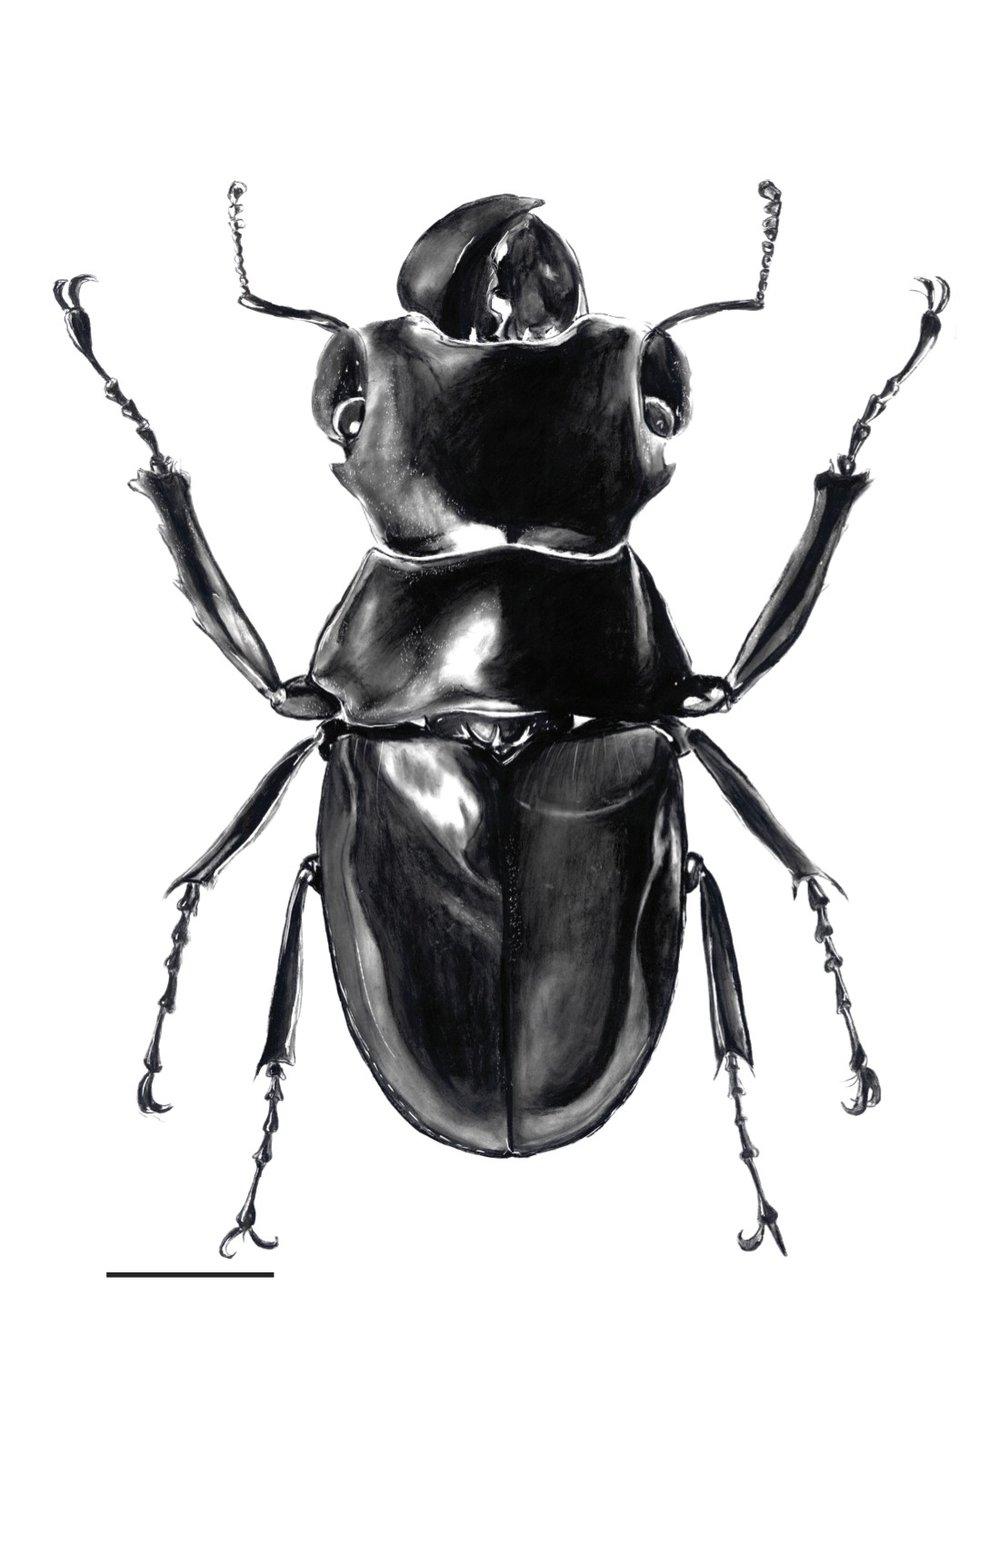 beetle edited.jpg